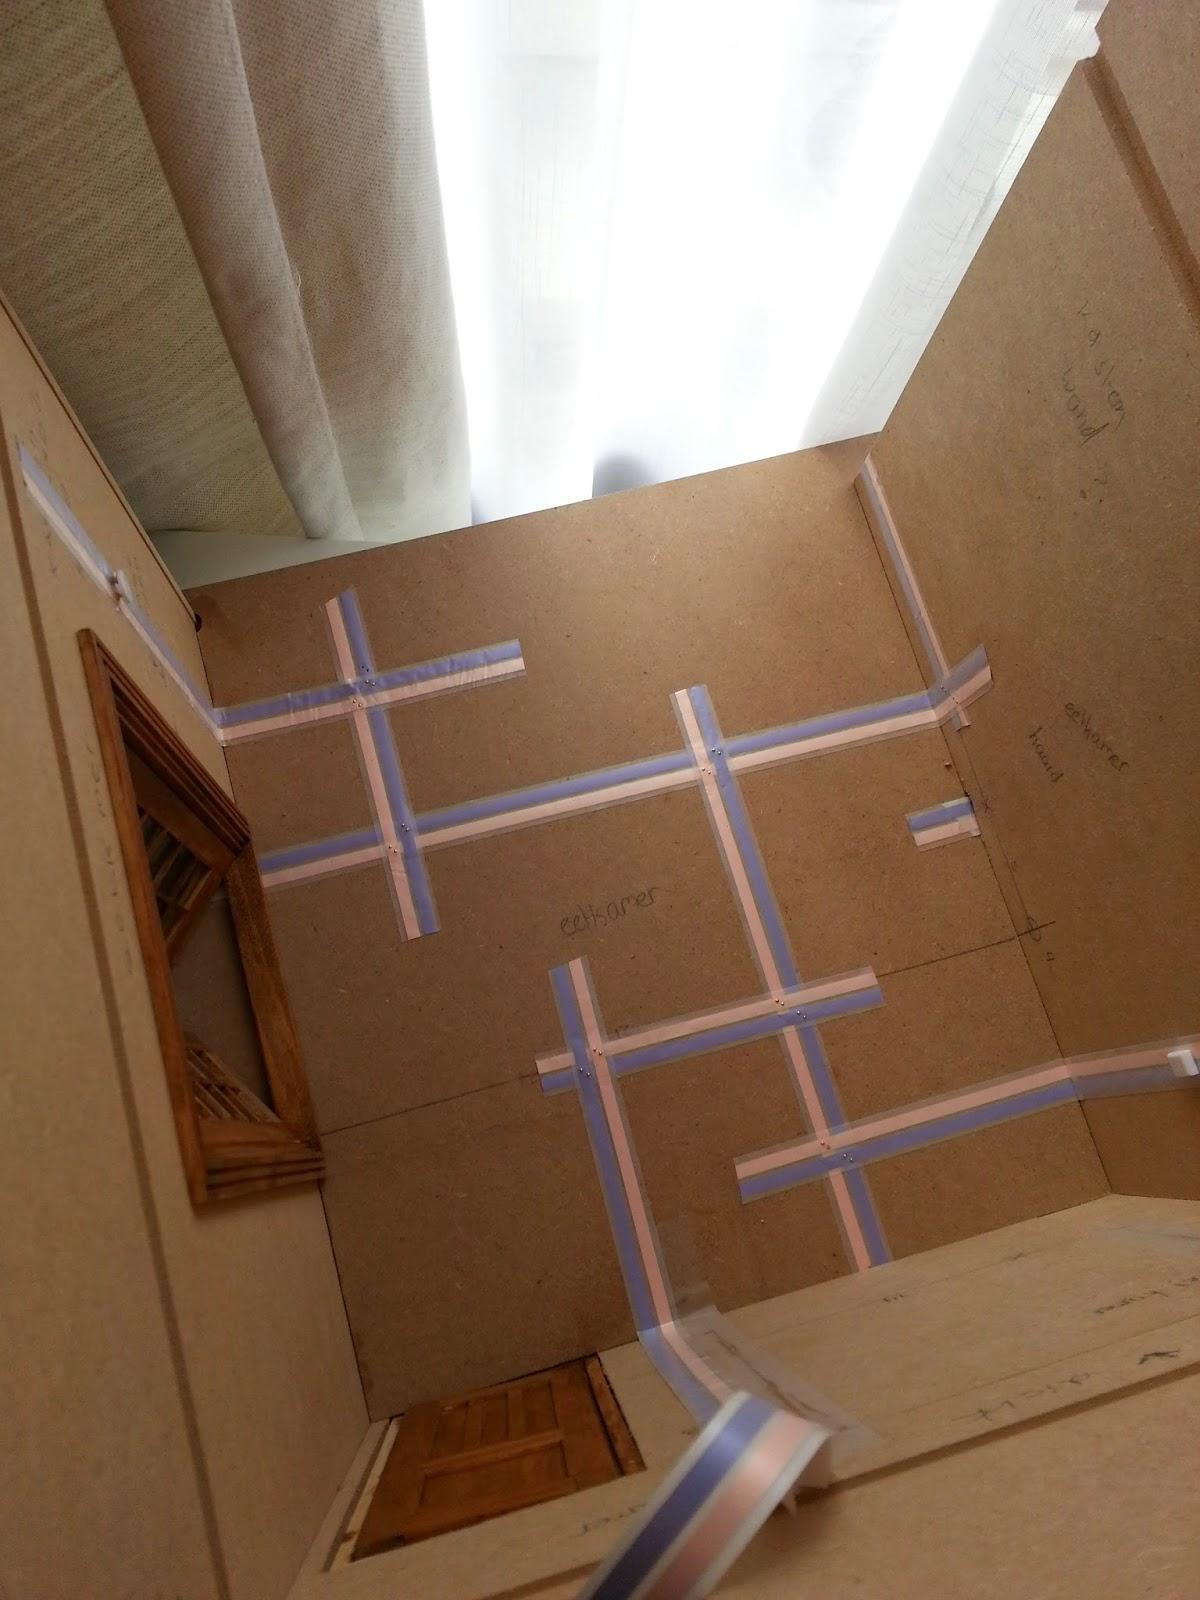 het lampje in de trapkast was helaas niet meer met kopertape te bereiken maar hierbij heb ik de bedrading naar de keuken doorgetrokken waar ik in het